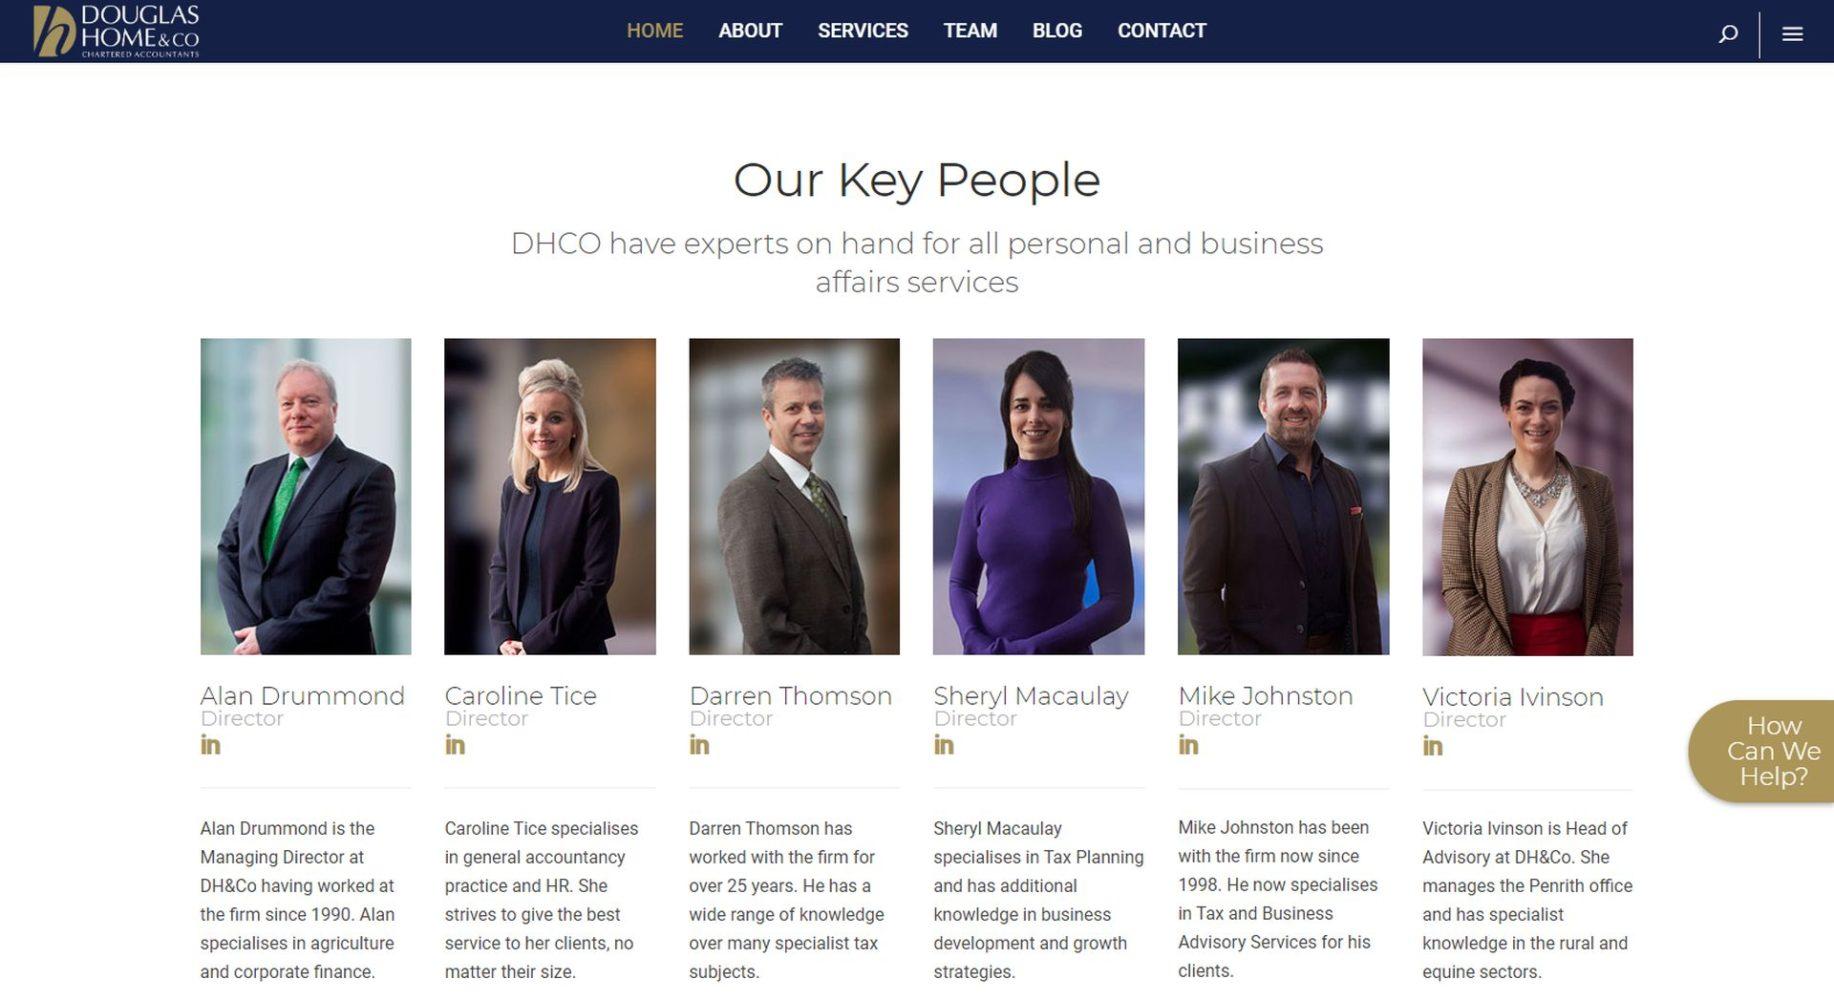 Douglas Home & Co Website Design Team